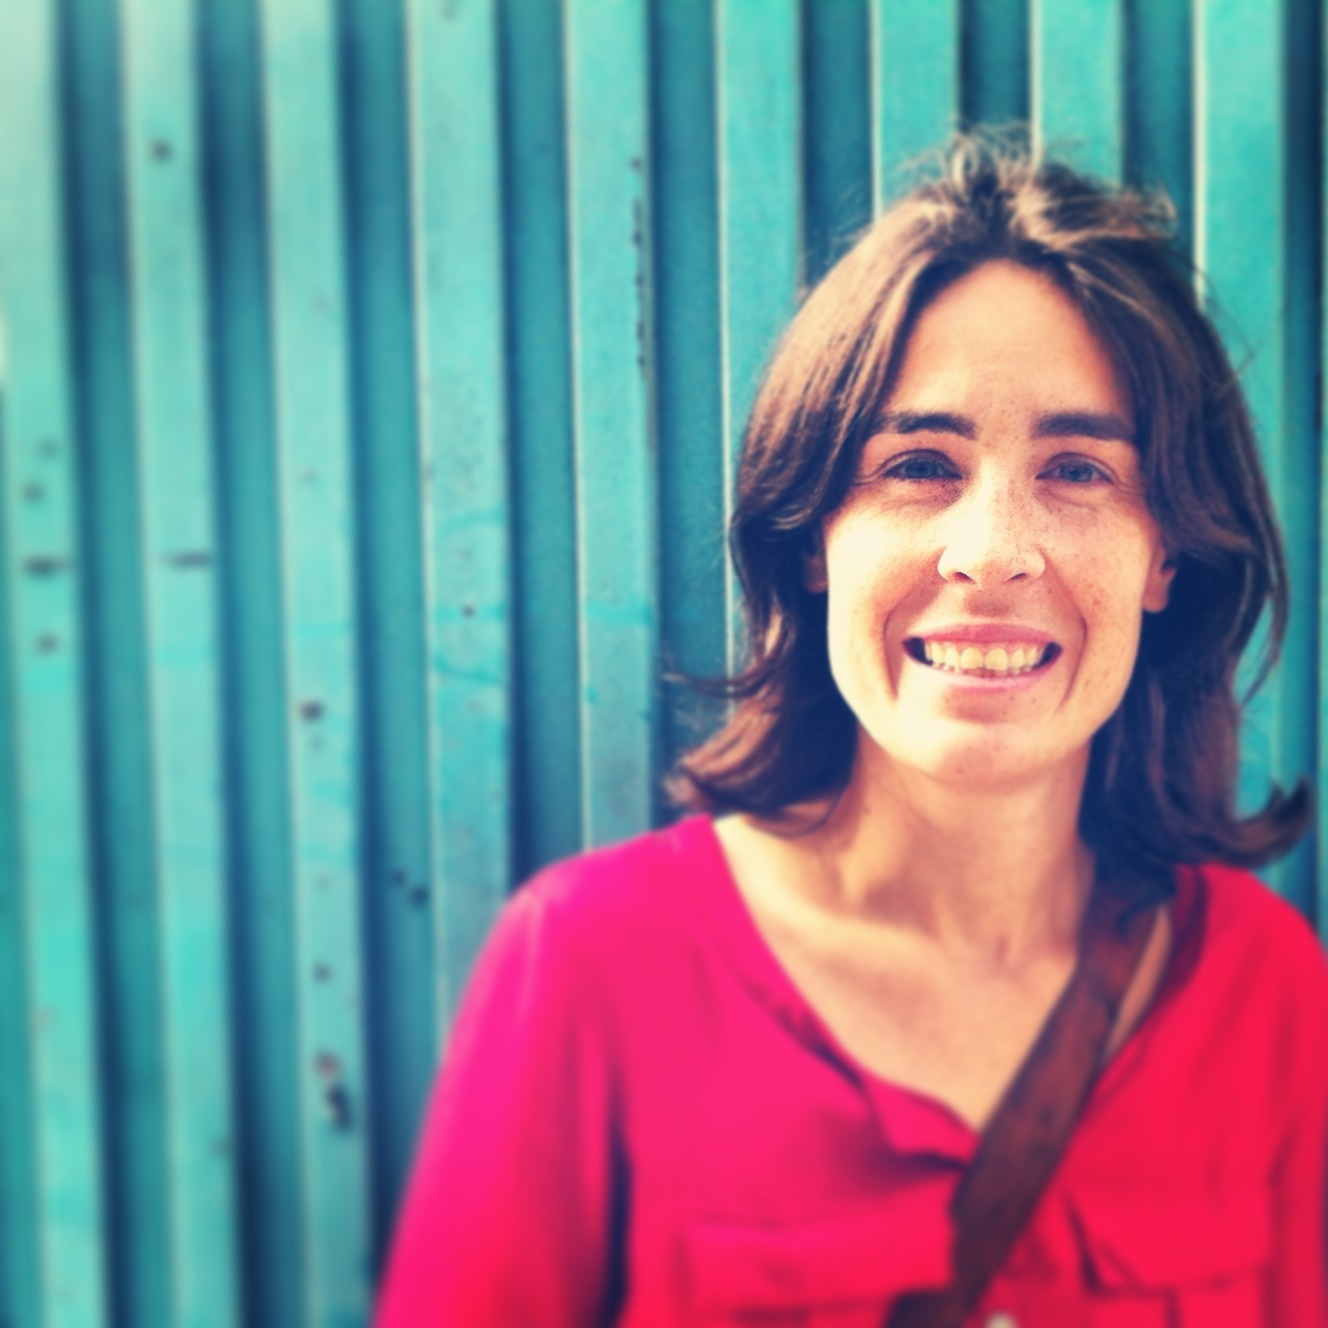 Jemima Cano